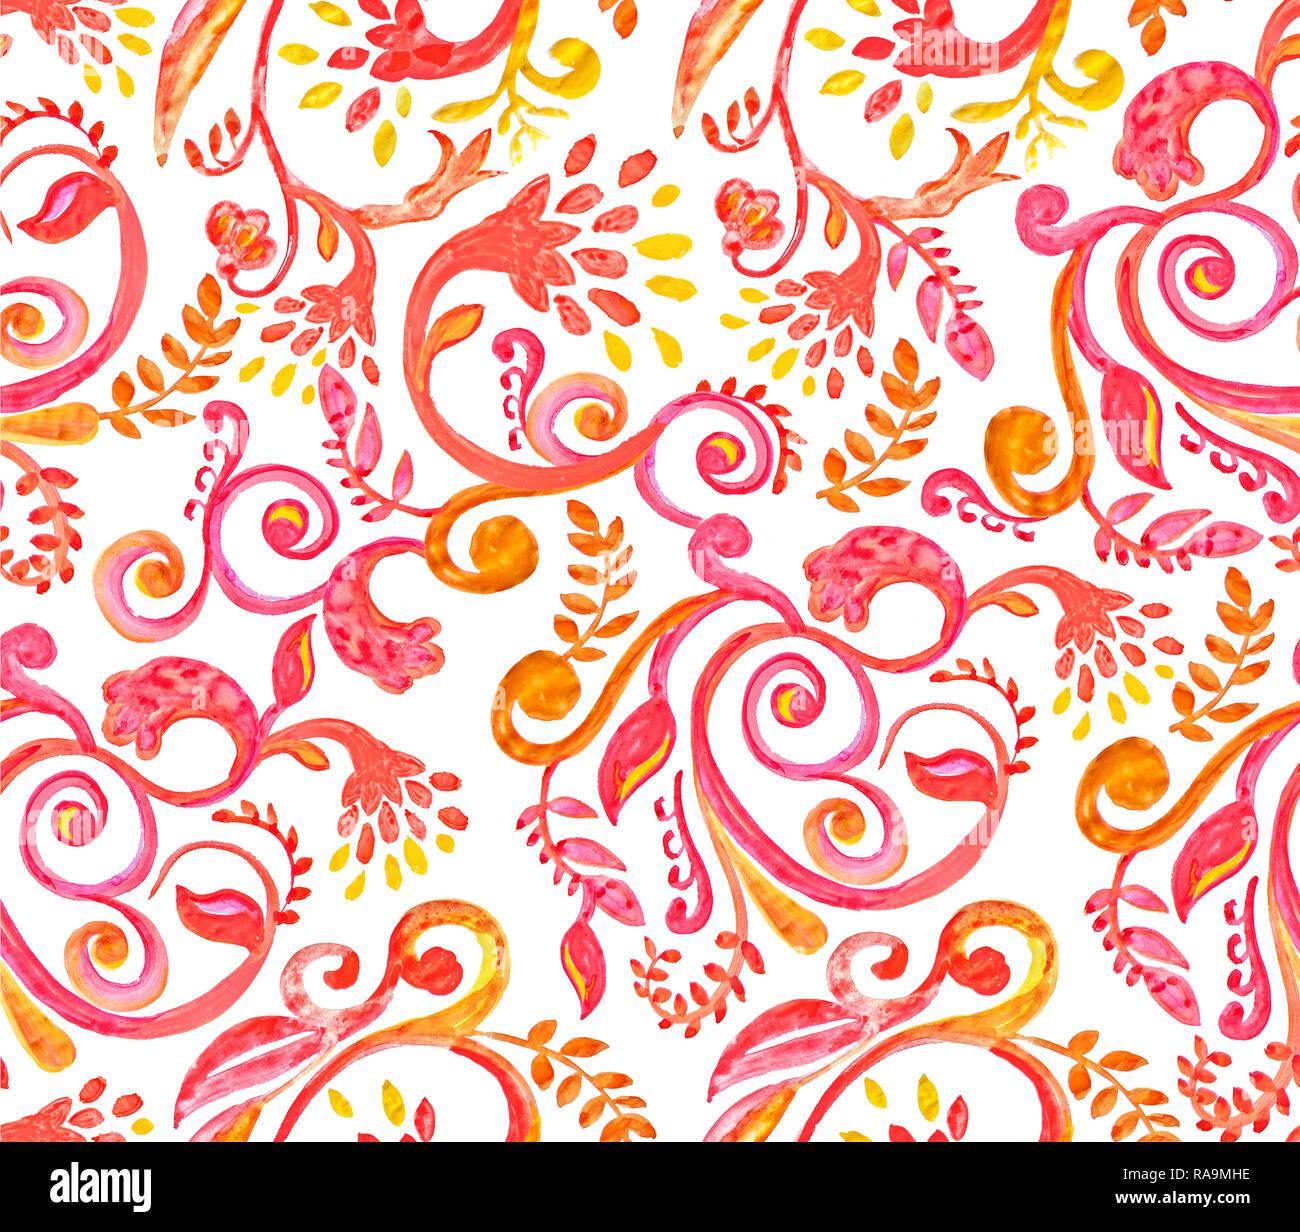 f5b0b1b0abfd24 Rote Blumen Muster auf weißem Hintergrund. Hand Made Aquarell nahtlose  Textur für Kleidung, Stoff